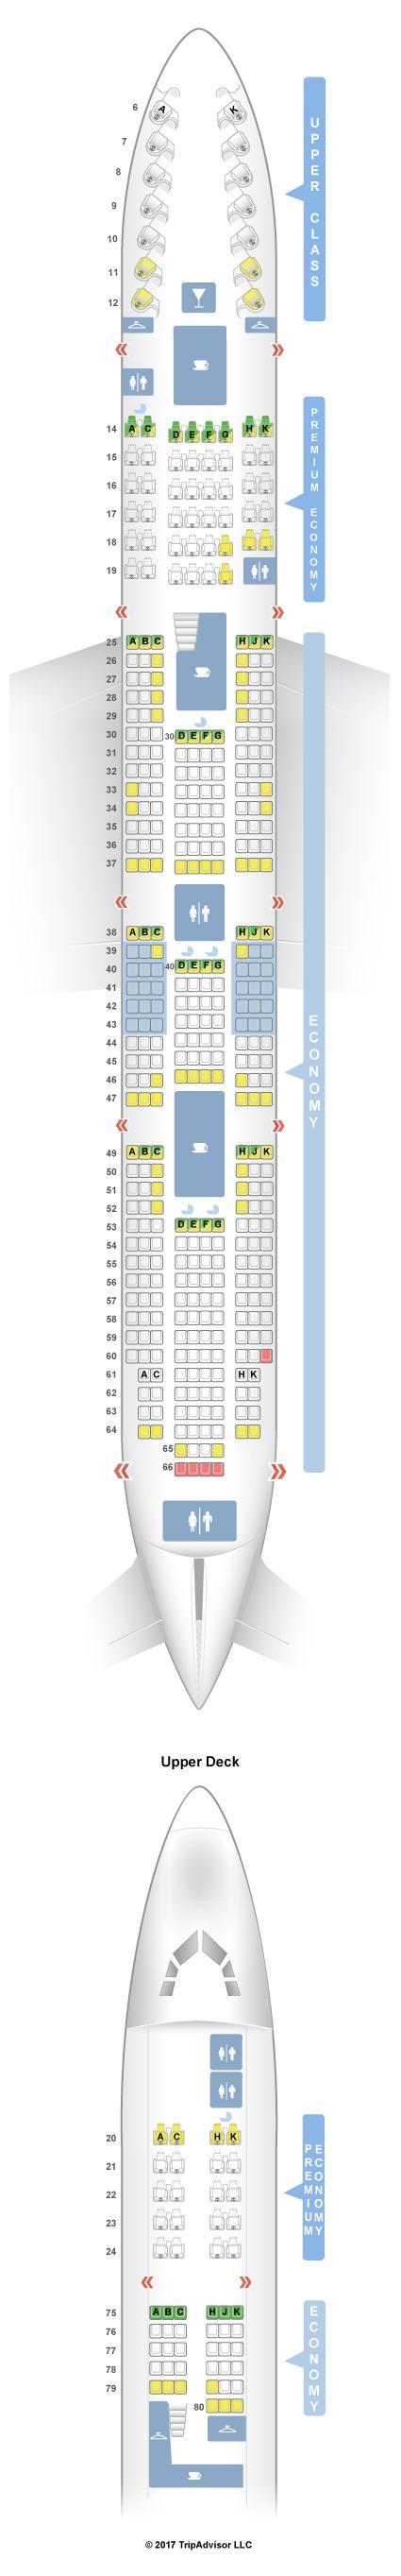 SeatGuru Seat Map Virgin Atlantic - SeatGuru